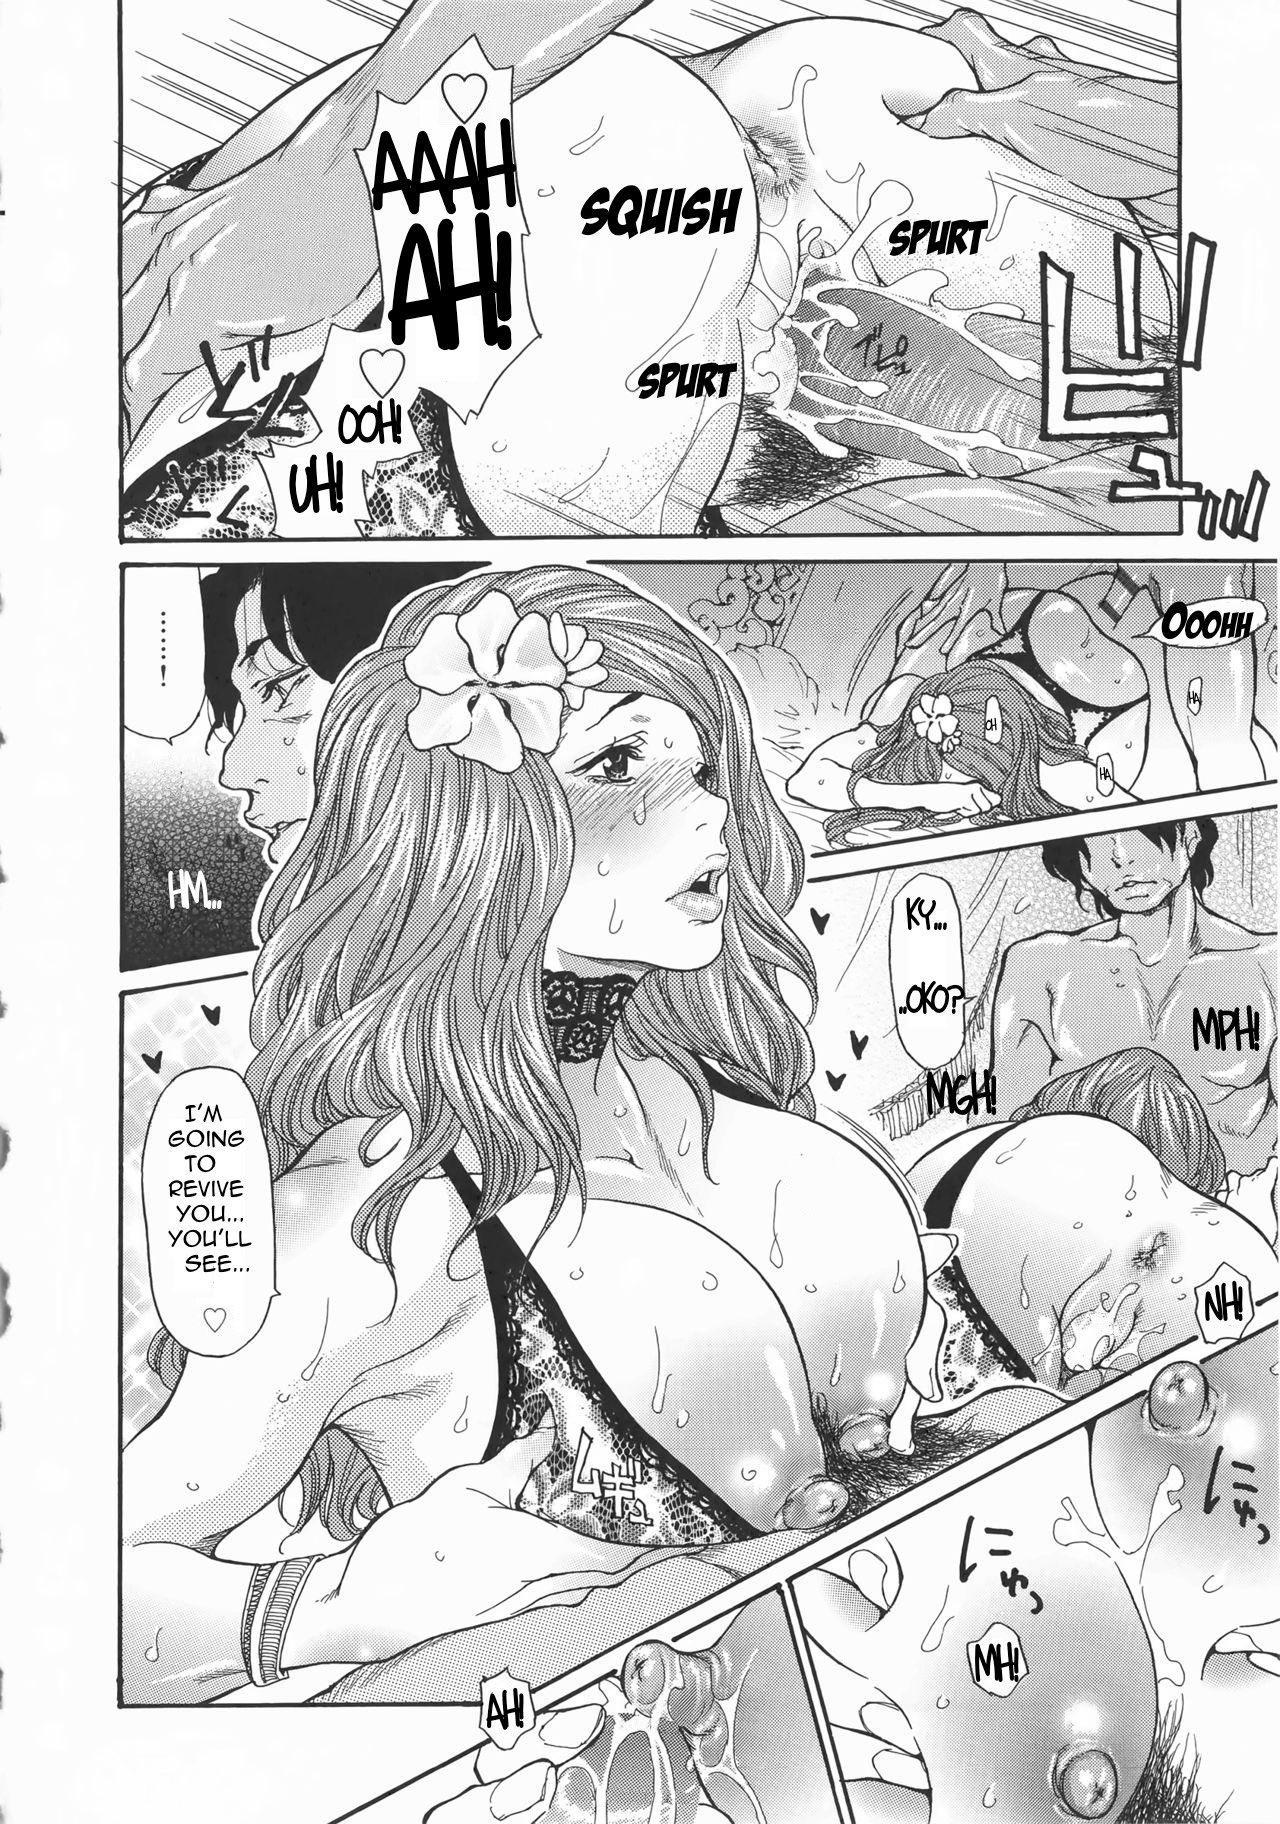 [Aoi Hitori, Izayoi Seishin, Yamasaki Masato] Metamorphose ~Celeb Zuma no Seien~ Ch. 1-8 [English][Decensored] [R-IC] 57